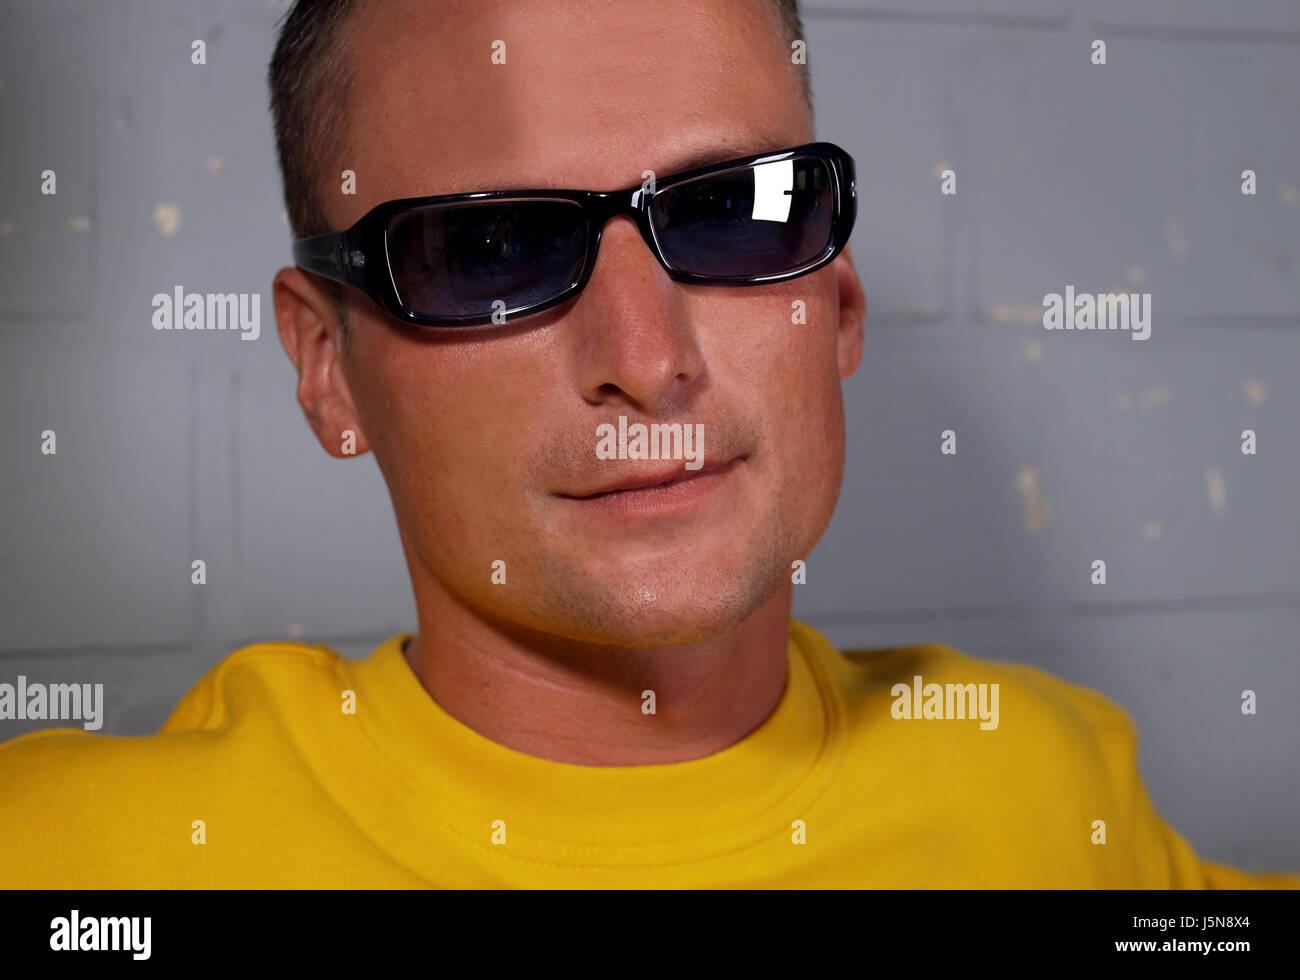 poses,wall,sweater,sunglasses,sunglass,yellow,man,pose,lichtreflex - Stock Image